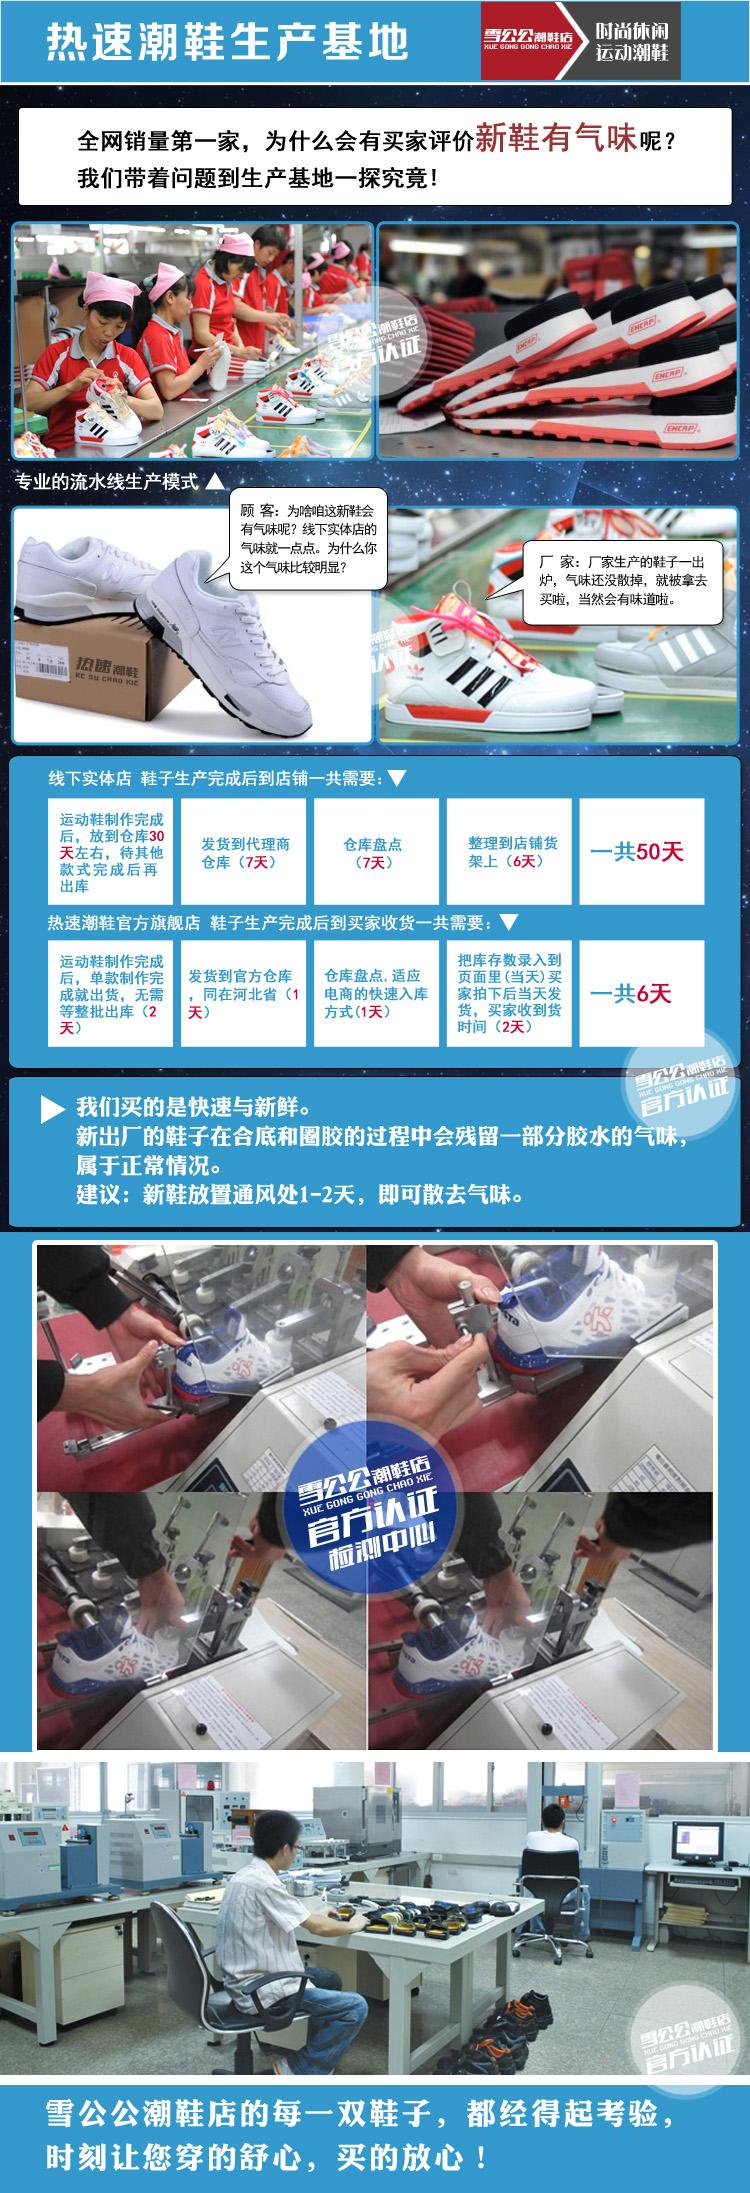 鞋子售后服务模板|dm/宣传单/平面广告|平面|夜阑珊